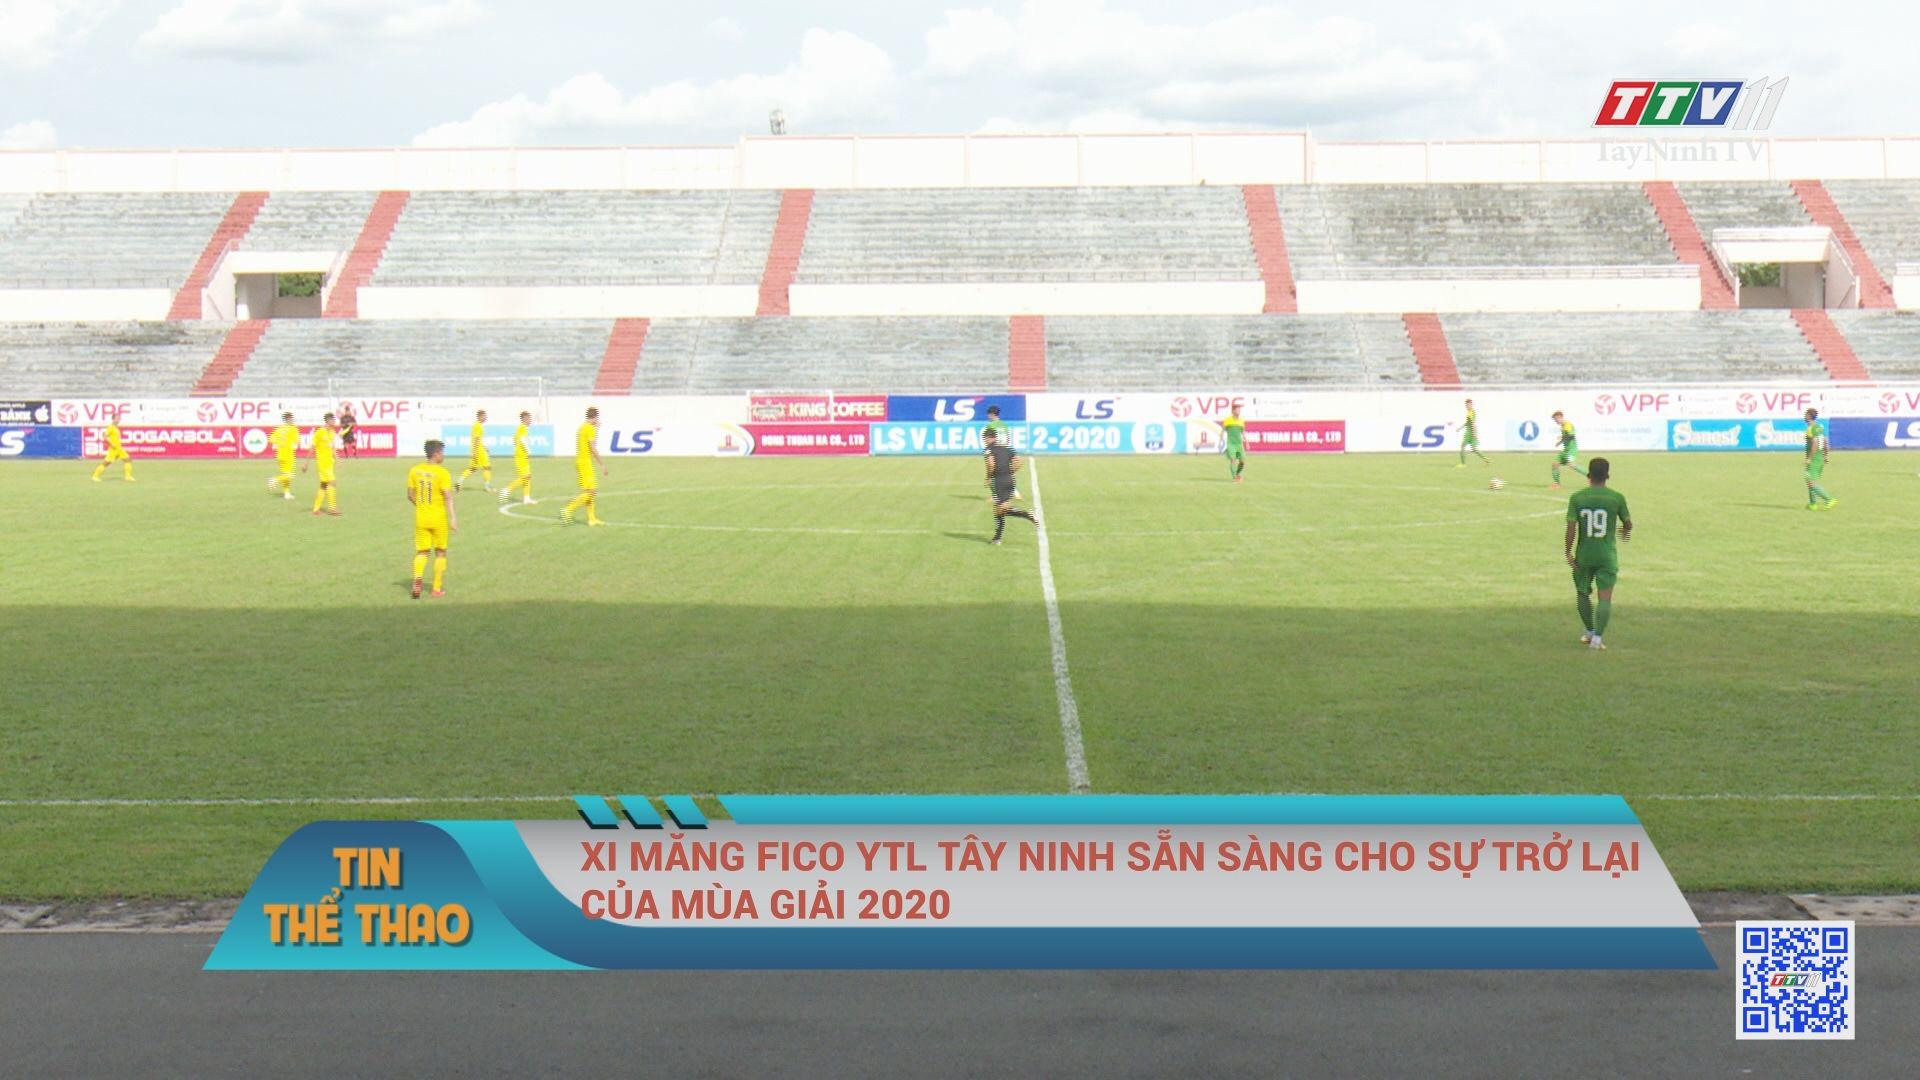 Xi măng FICO YTL Tây Ninh sẵn sàng cho sự trở lại của mùa giải 2020 | BẢN TIN THAO | TayNinhTV